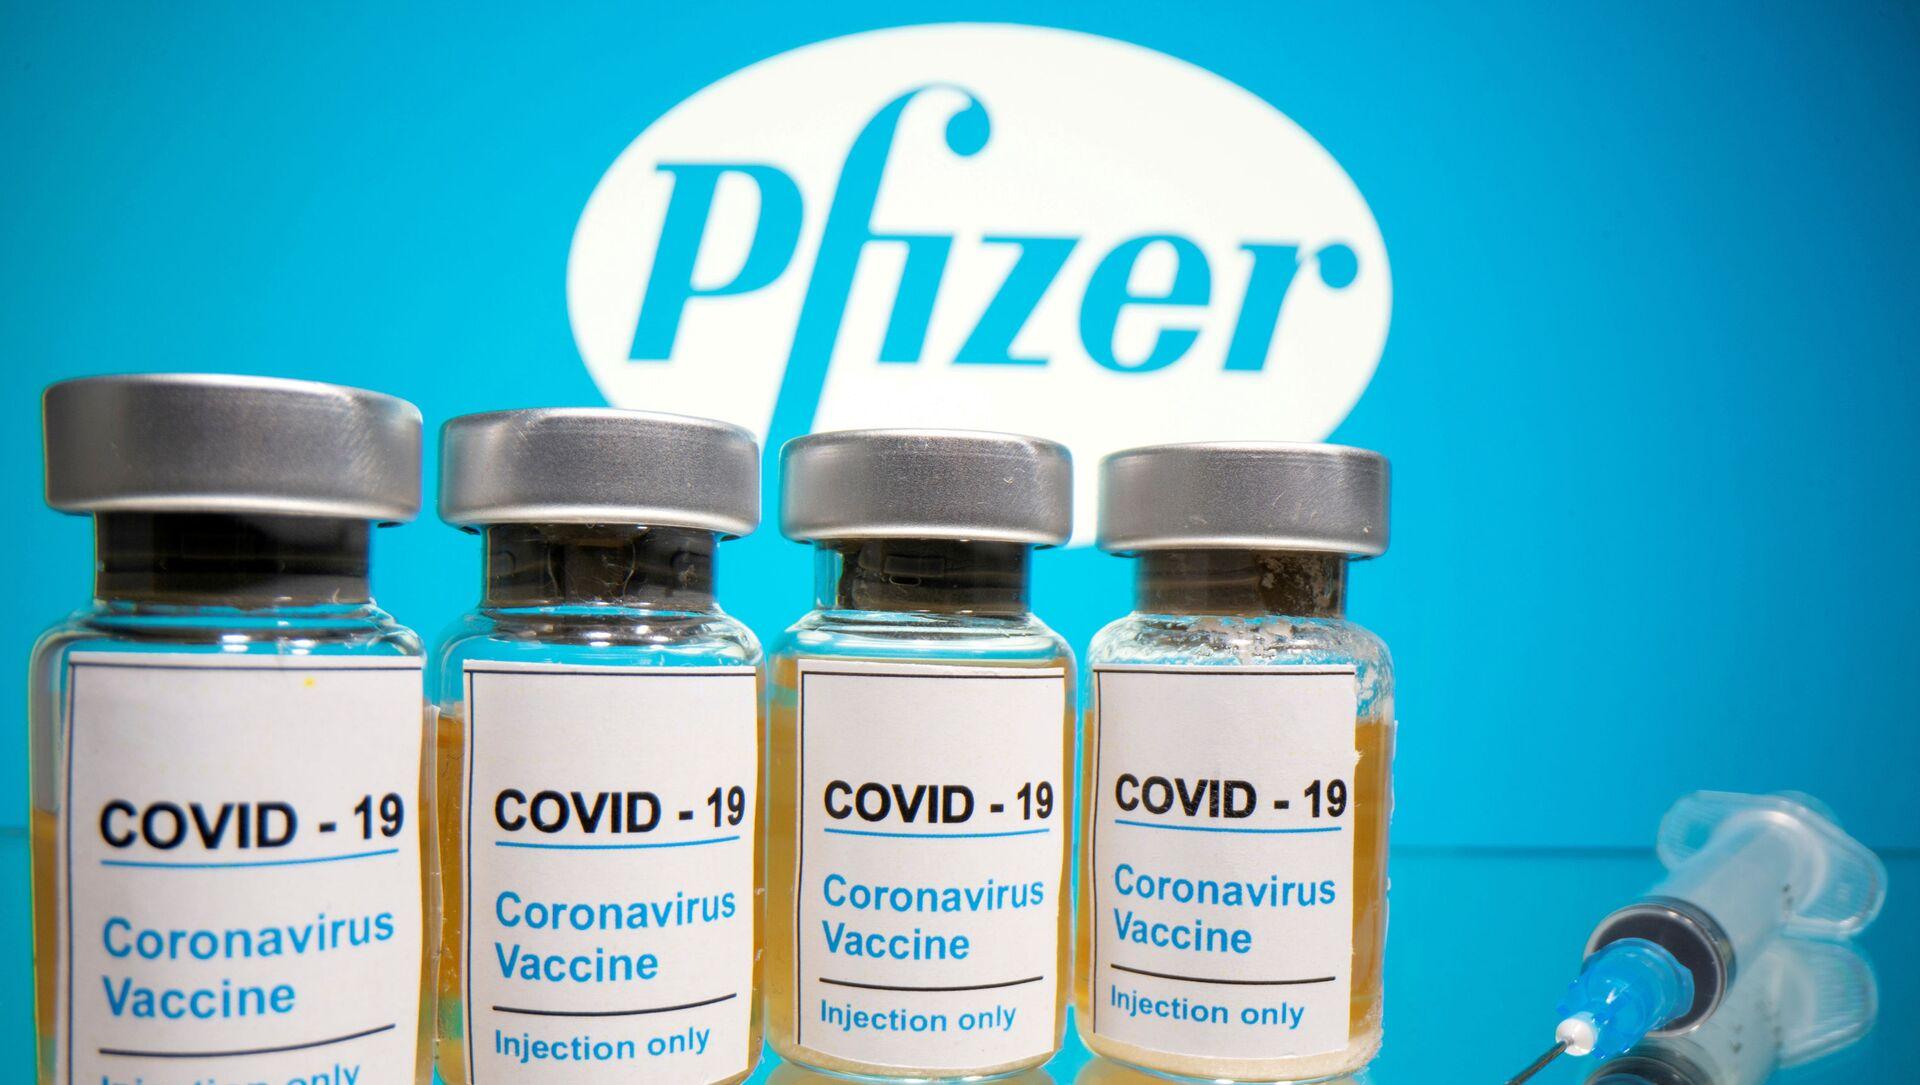 Vacuna contra coronavirus de Pfizer - Sputnik Mundo, 1920, 18.11.2020